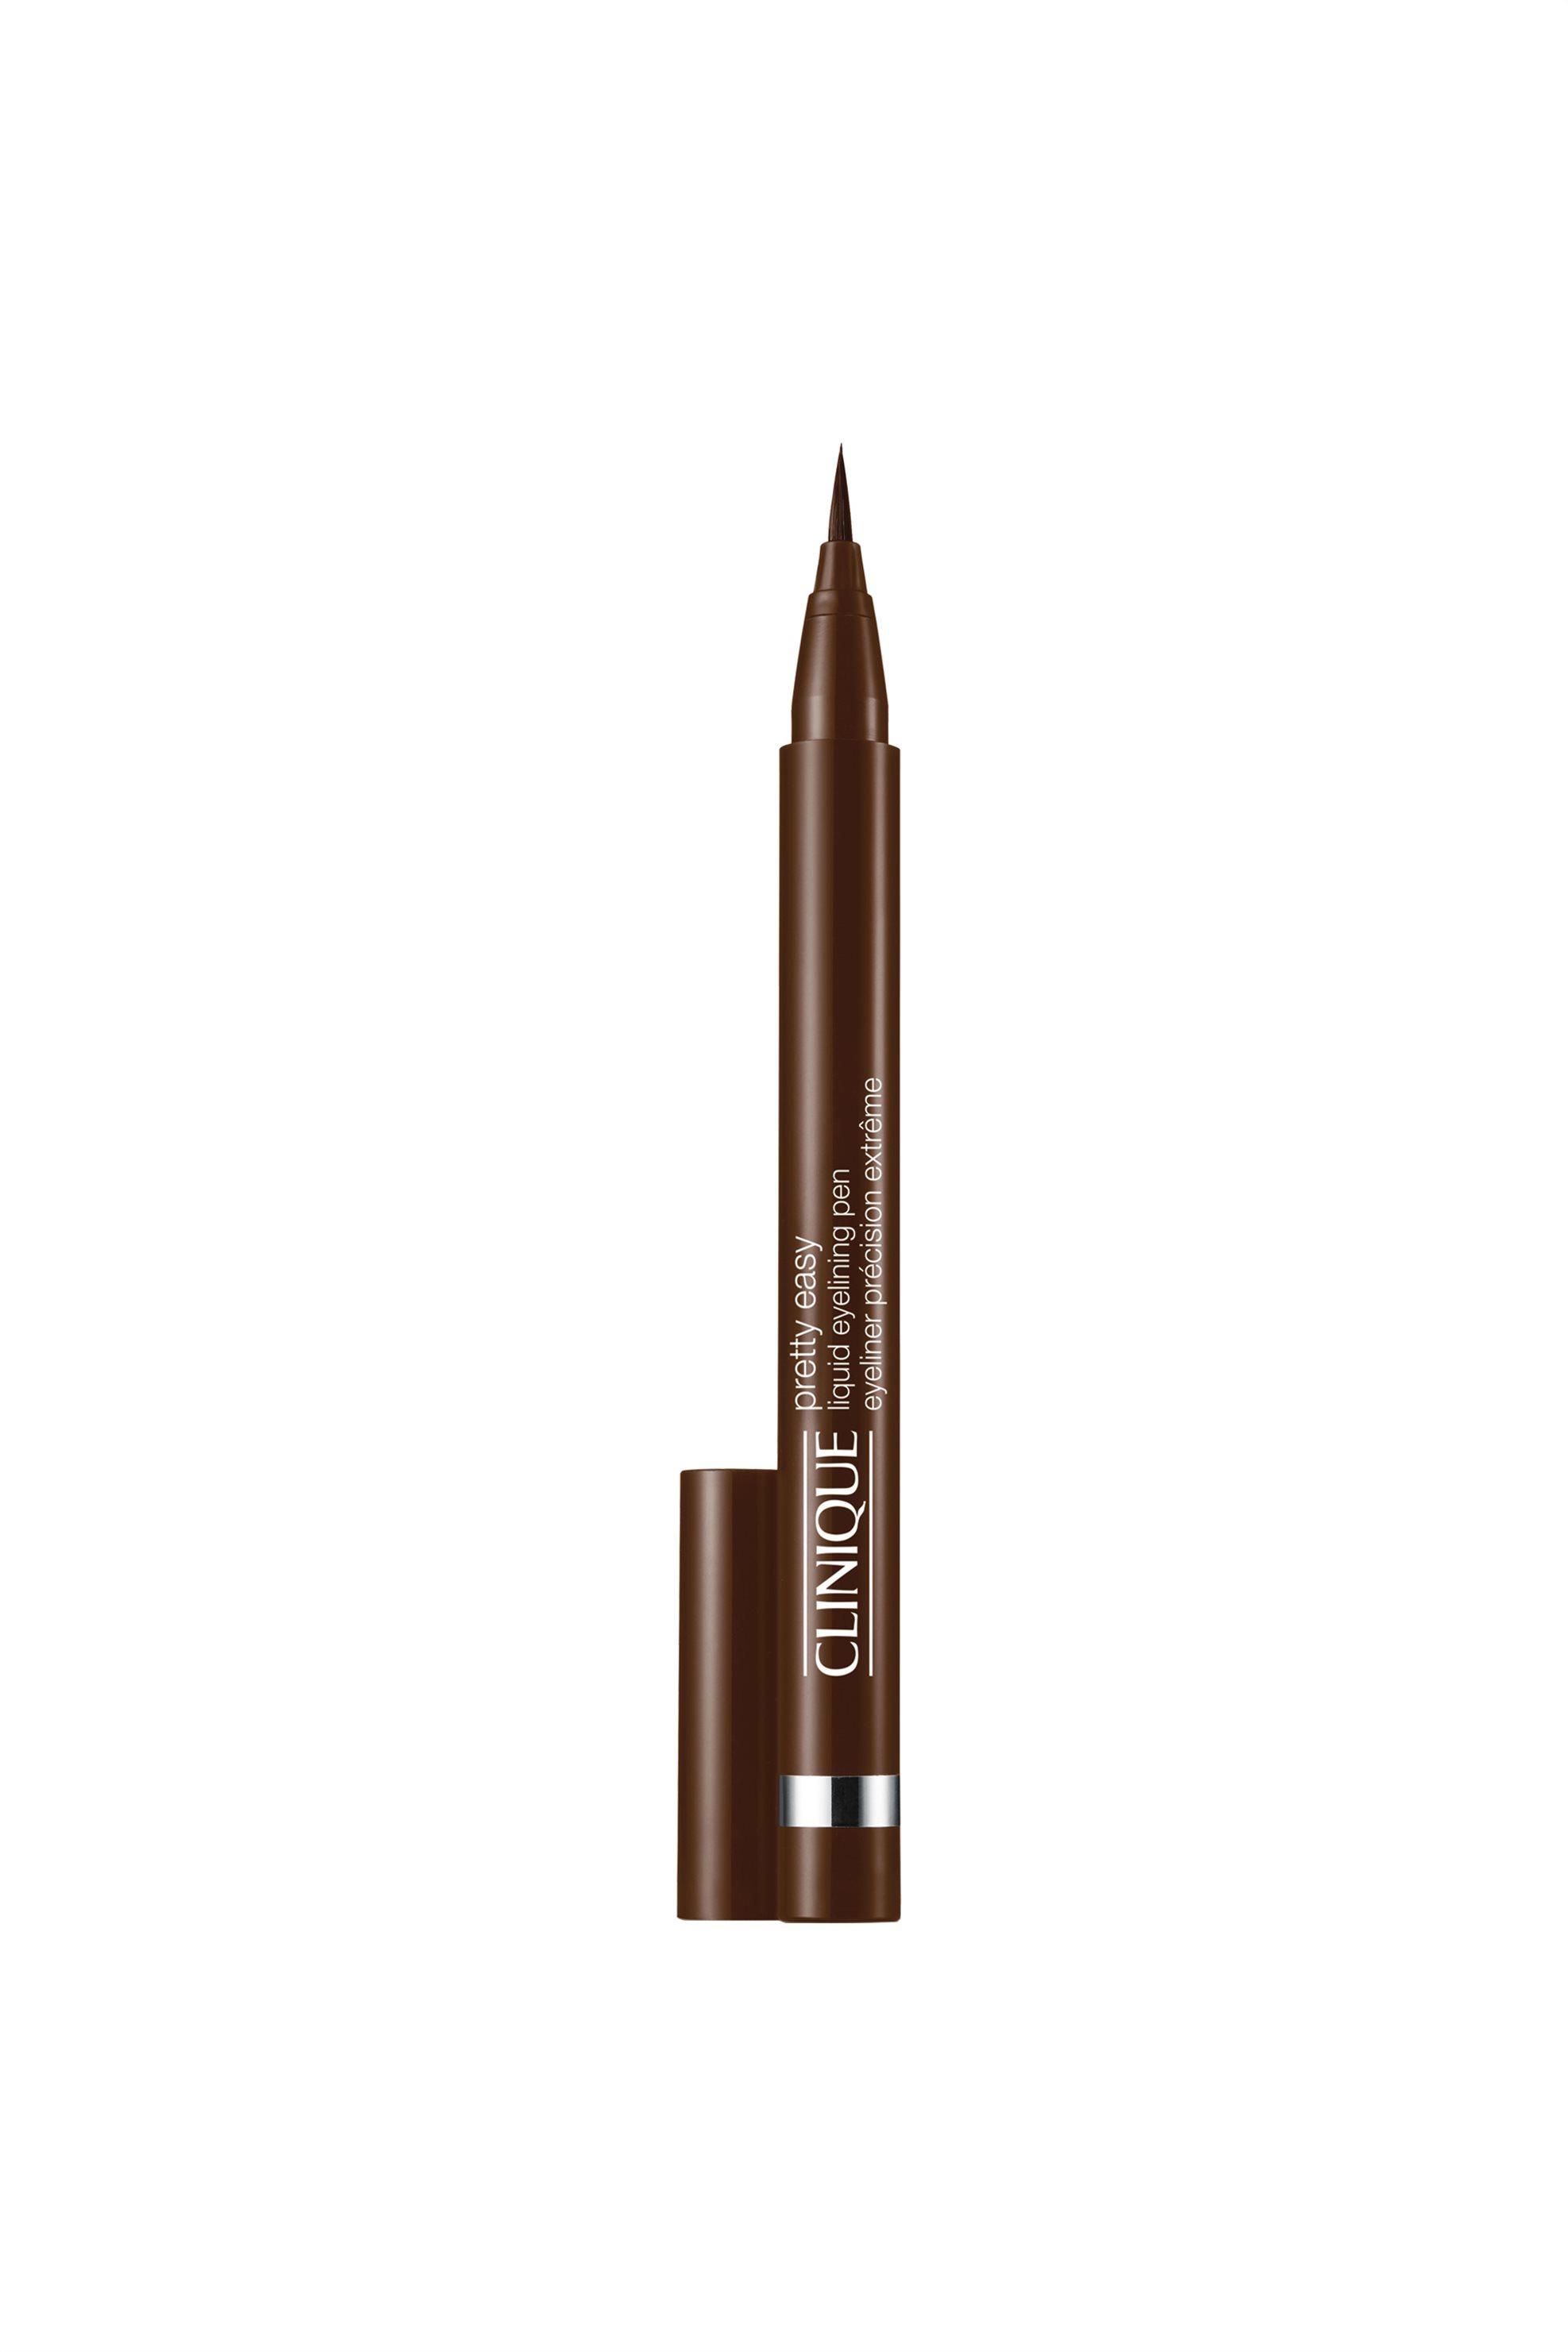 Clinique Pretty Easy™ Liquid Eyelining Pen Brown 0.7 gr. - ZGC002A000 ομορφια   καλλυντικα επιλεκτικησ   μακιγιάζ   μάτια   eyeliners